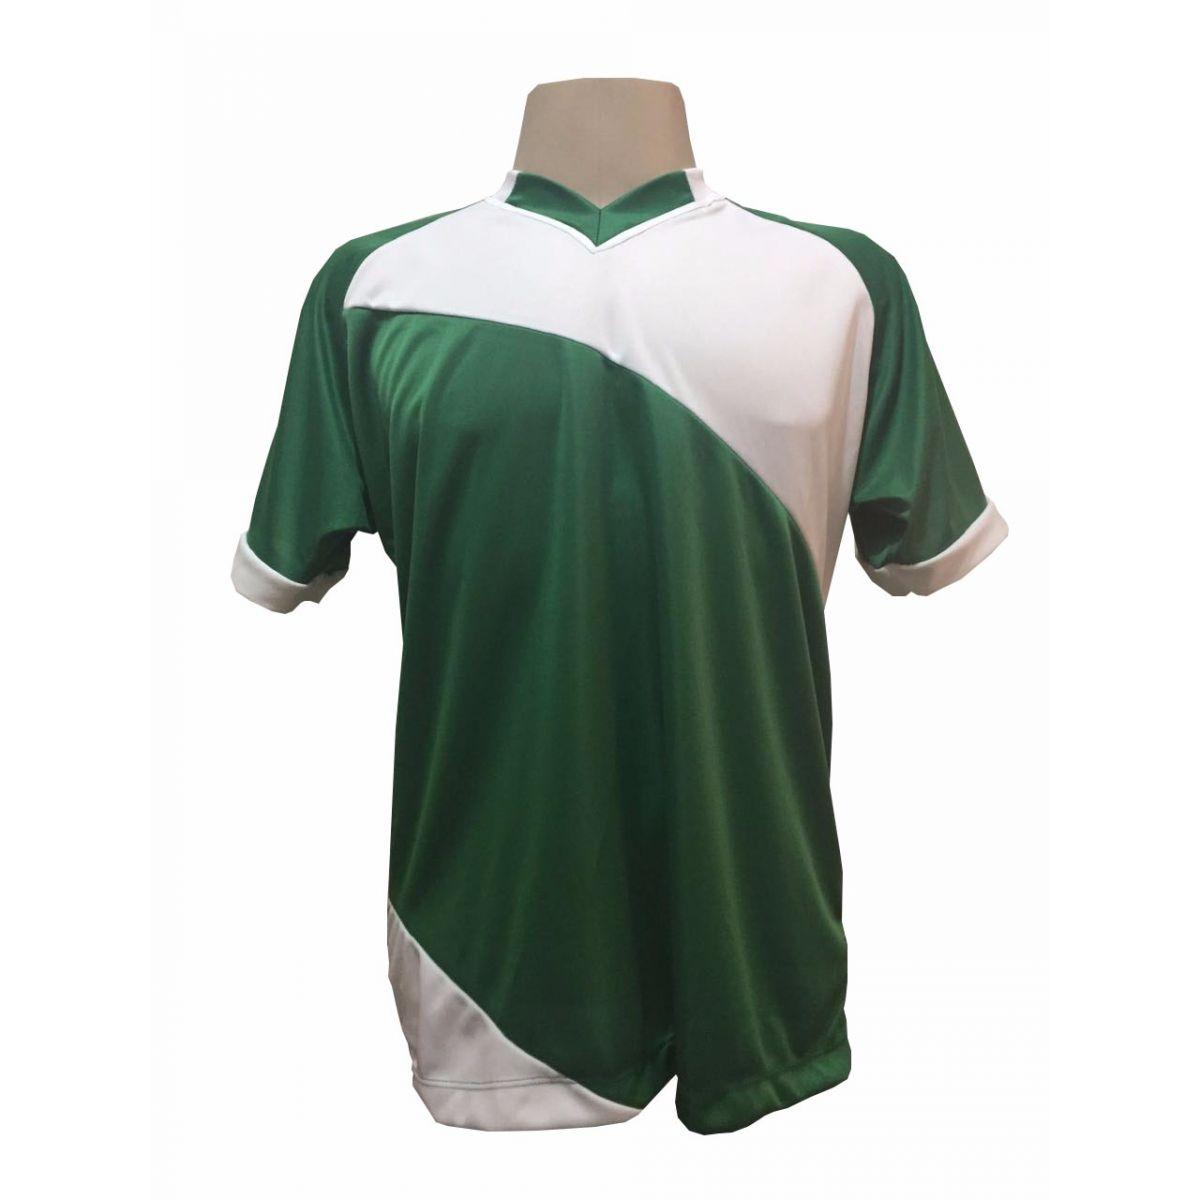 Uniforme Esportivo com 20 camisas modelo Bélgica Verde/Branco + 20 calções modelo Madrid Branco + Brindes